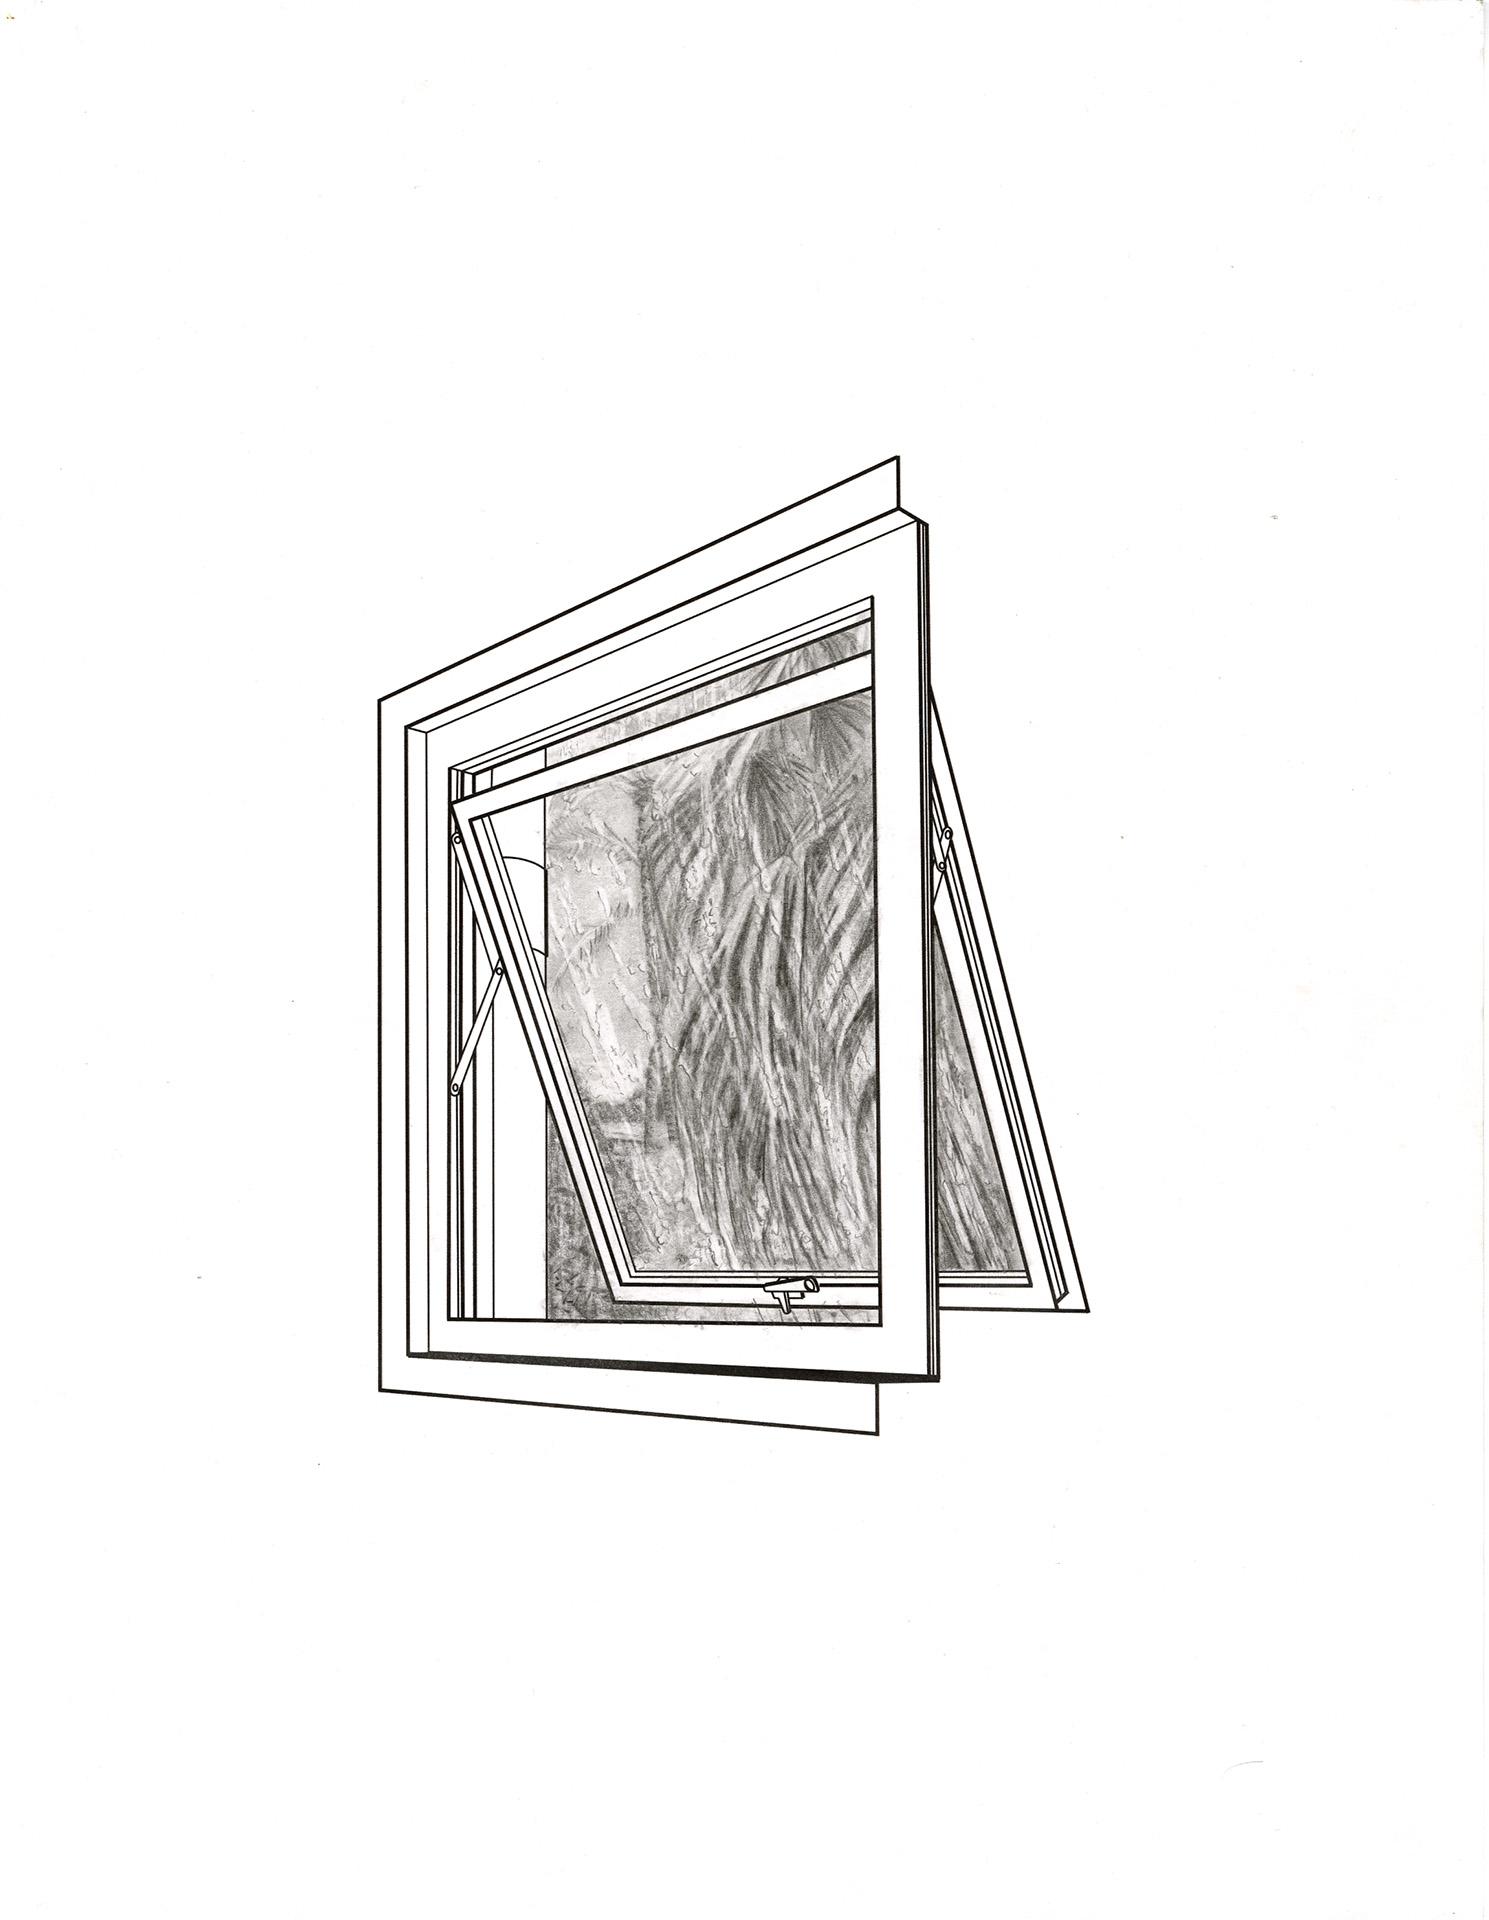 Window Drawing 2.05.18